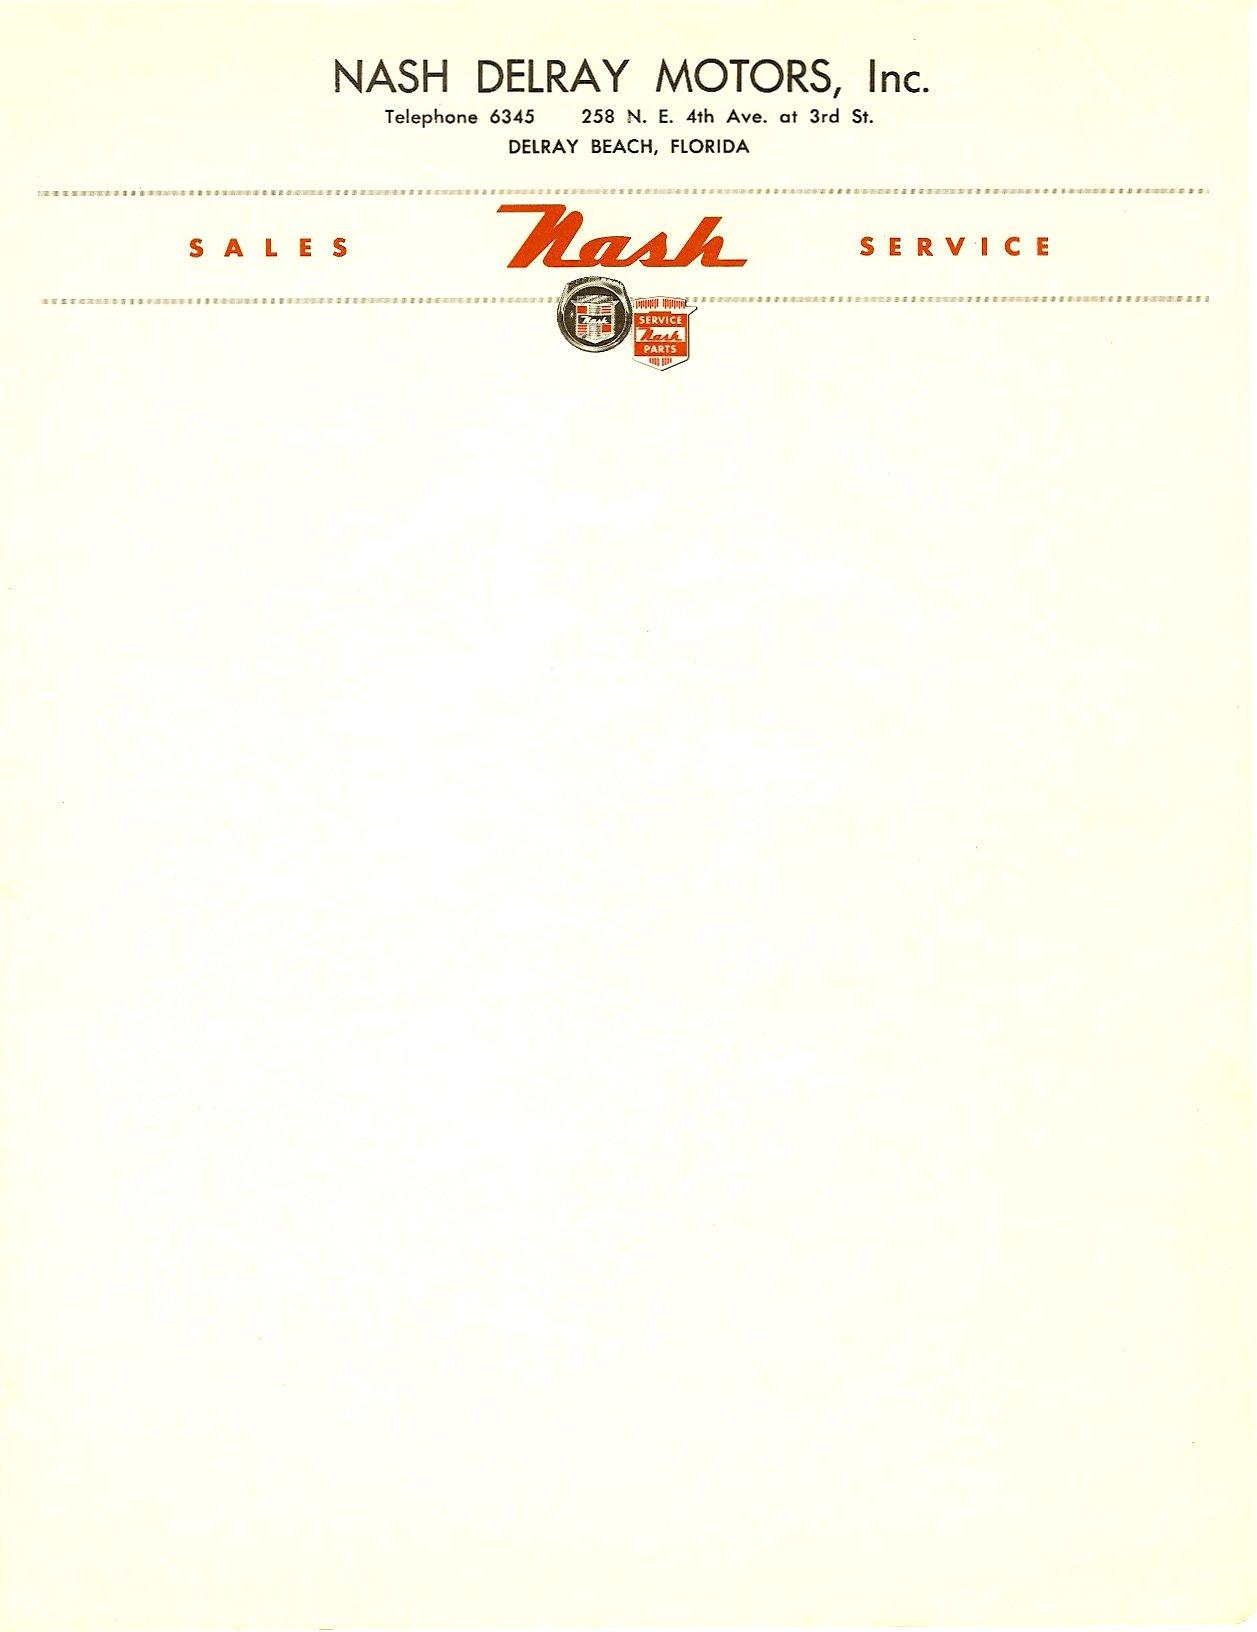 Nash Delray Motors, Inc. Delray Beach, Florida Stationary 8.5″x11″